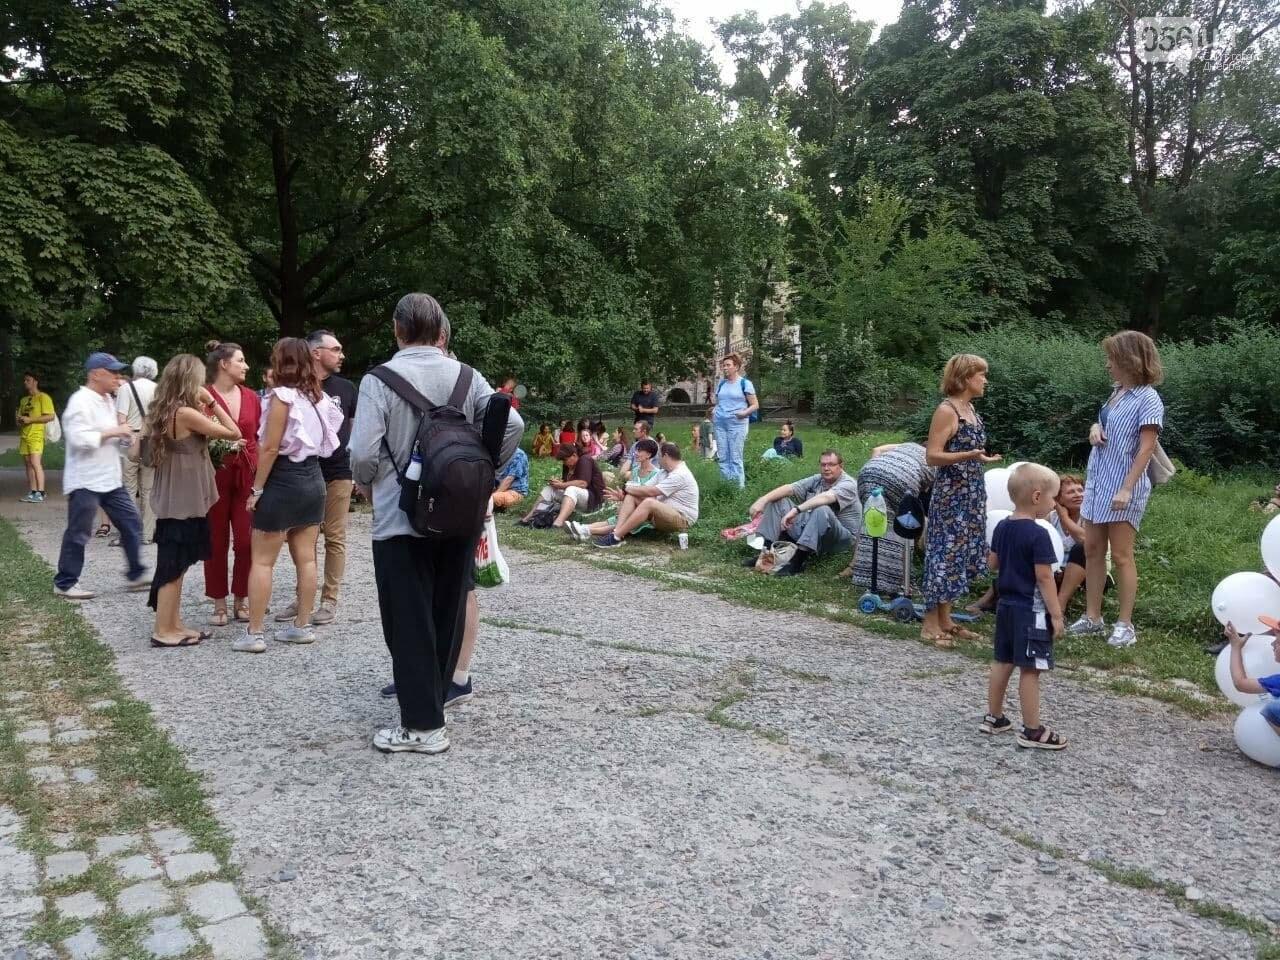 В Днепре по всей территории парка Шевченко звучит музыка нон-стоп, - ФОТО, ВИДЕО, фото-35